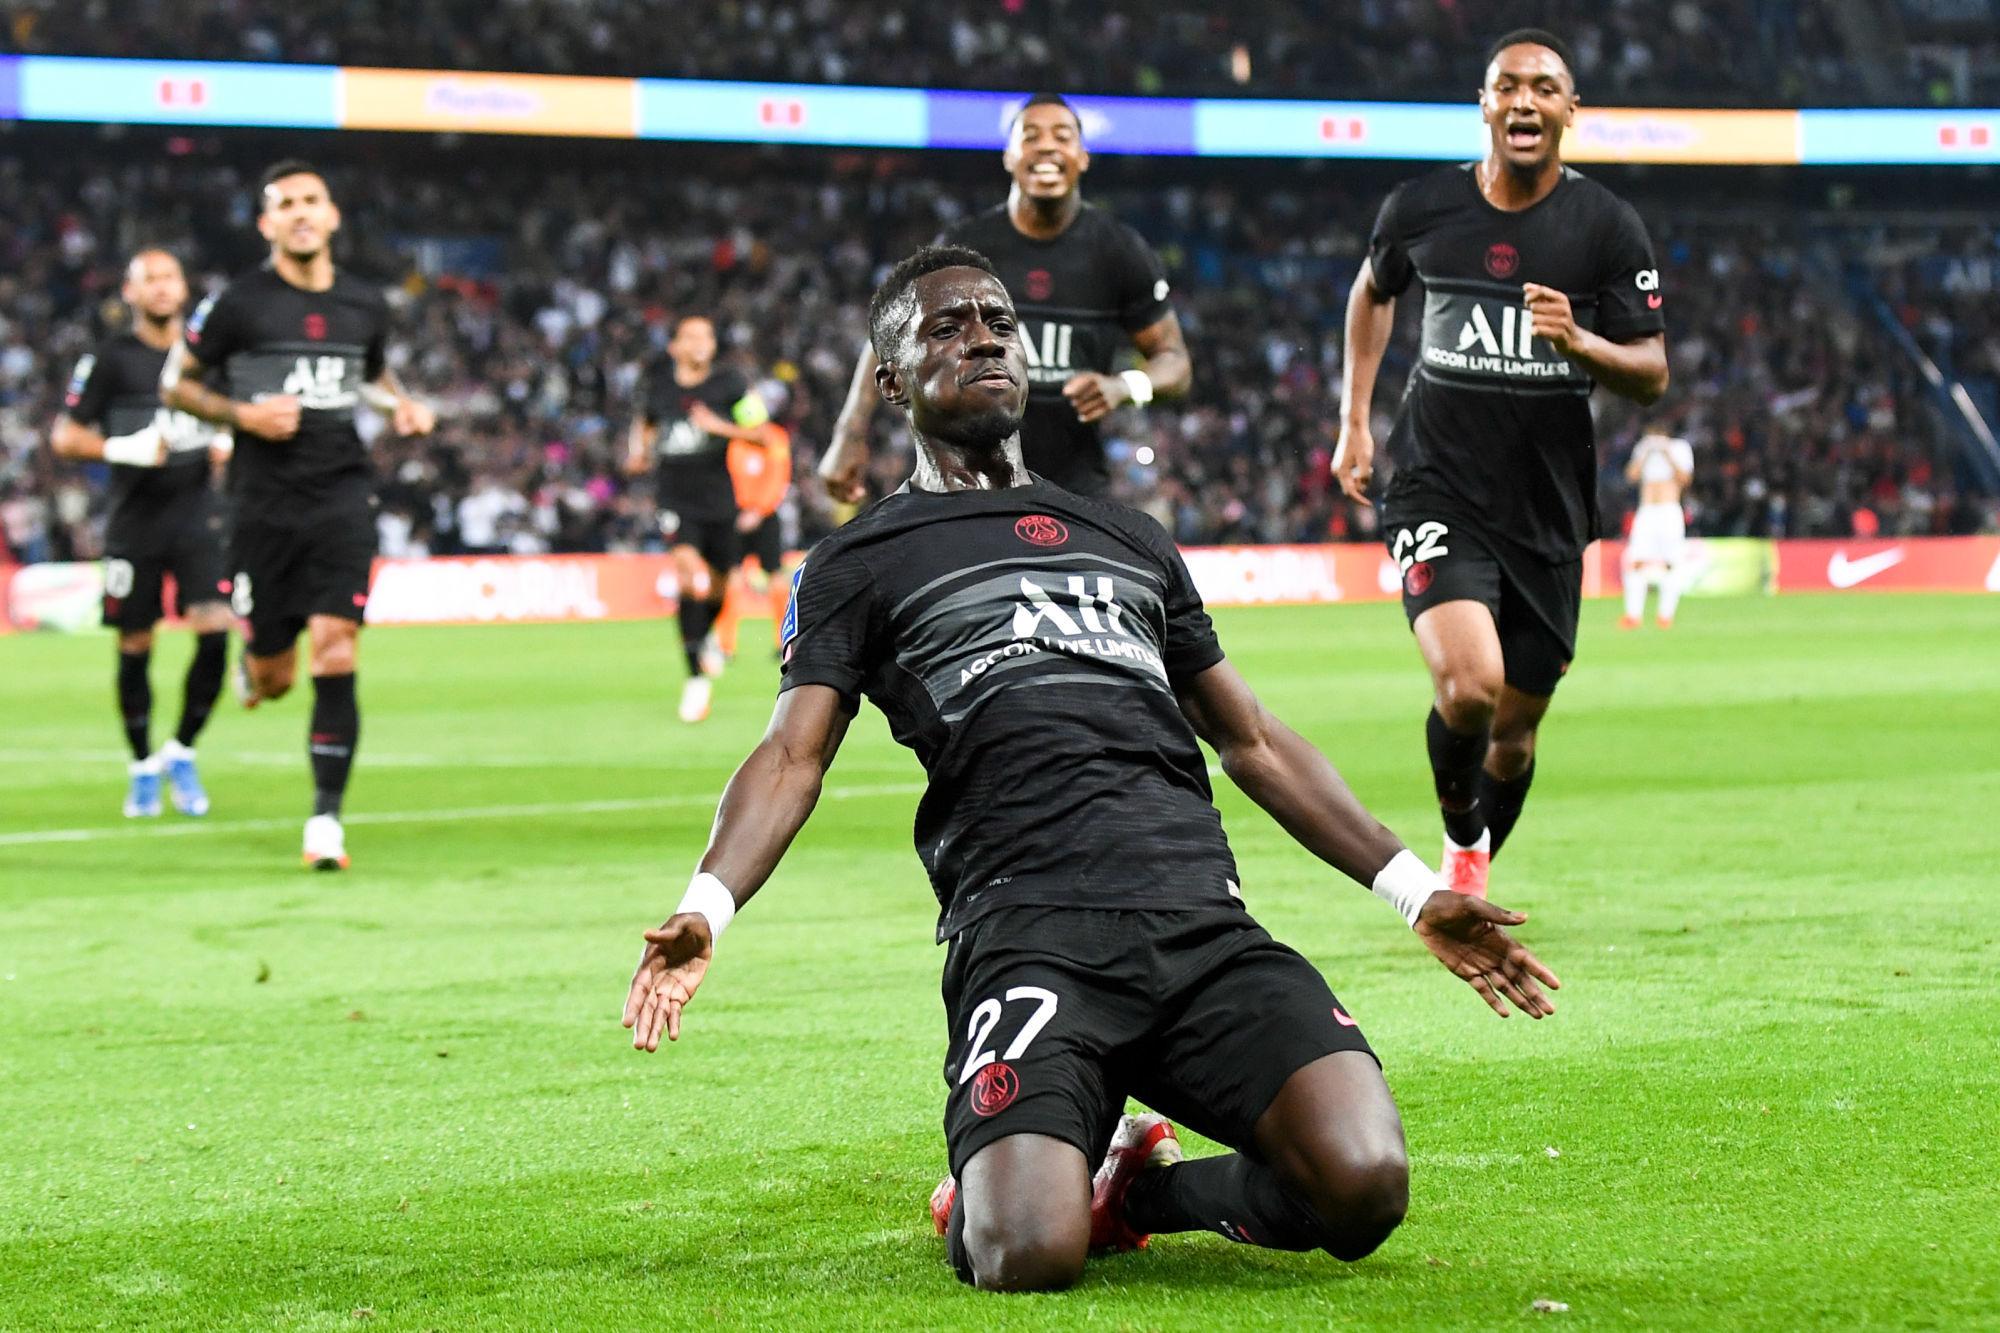 PSG 2-0 Montpellier